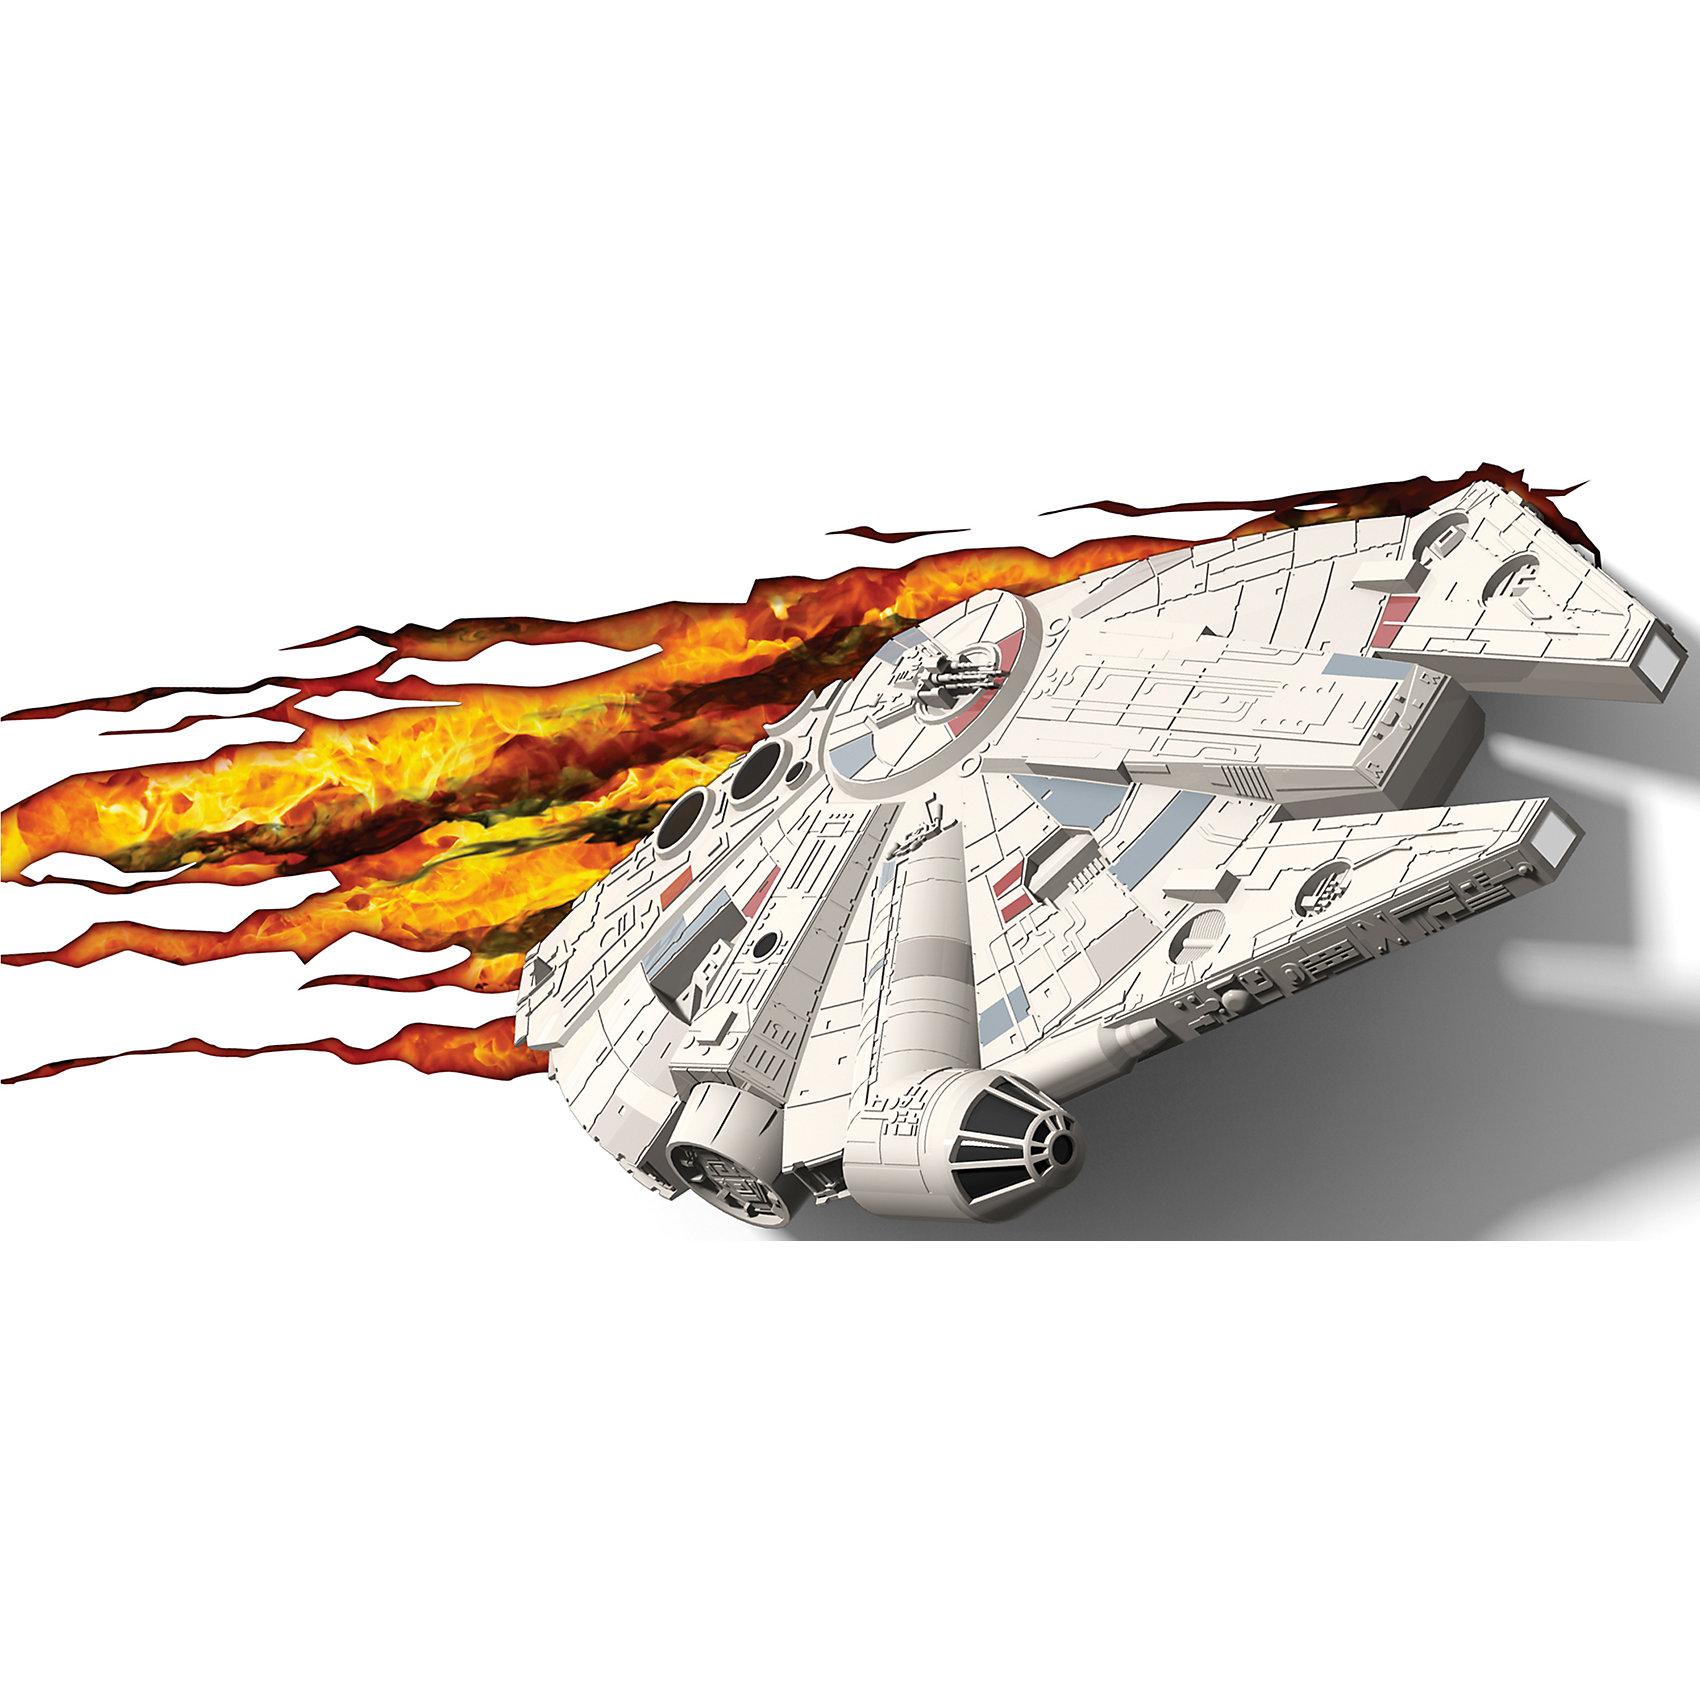 Пробивной 3D светильник Тысячелетний сокол, Звёздные ВойныПробивной 3D светильник Тысячелетний сокол, Звёздные Войны - станет оригинальным декором для комнаты и подарит приятный мягкий свет.<br>Оригинальный реалистичный пробивной 3D светильник, выполненный в виде летательного корабля Хана Соло Тысячелетний сокол из саги Звездные войны, понравится и детям, и взрослым. Он создает необыкновенную реалистичную иллюзию того, что у вас, что то воткнуто в стену, за счет своей специальной формы и 3D наклейки, имитирующей развивающееся пламя. Помимо яркого, даже шокирующие-оригинального дизайна, пробивной светильник обладает функциональным качеством — дарит мягкий приглушенный свет, что позволяет использовать его как ночник над кроватью. Светильник безопасен для малыша, так как работает от батареек и не нагревается. Модель достаточно просто устанавливается на стене с помощью шурупов, входящих в комплект.<br><br>Дополнительная информация:<br><br>- В комплекте: светильник; 3D наклейка; 2 шурупа<br>- Товар предназначен для детей старше 3 лет<br>- Безопасный: без проводов, работает от батареек (3хАА, не входят в комплект)<br>- Работает на светодиодах<br>- Источник света: LED лампа<br>- Не нагревается: всегда можно дотронуться до изделия<br>- Фантастический: выглядит превосходно в любое время суток<br>- Удобный: простая установка (автоматическое выключение через полчаса непрерывной работы)<br>- Материал: пластик<br>- Размер упаковки: 40,1х9,3х23 см.<br>- Вес: 0,73 кг.<br>- ВНИМАНИЕ! Содержит мелкие детали, использовать под непосредственным наблюдением взрослых<br>- Страна происхождения: Китай<br>- Дизайн и разработка: Канада<br><br>Пробивной 3D светильник Тысячелетний сокол, Звёздные Войны можно купить в нашем интернет-магазине.<br><br>Ширина мм: 401<br>Глубина мм: 93<br>Высота мм: 230<br>Вес г: 730<br>Возраст от месяцев: 36<br>Возраст до месяцев: 2147483647<br>Пол: Унисекс<br>Возраст: Детский<br>SKU: 4566017